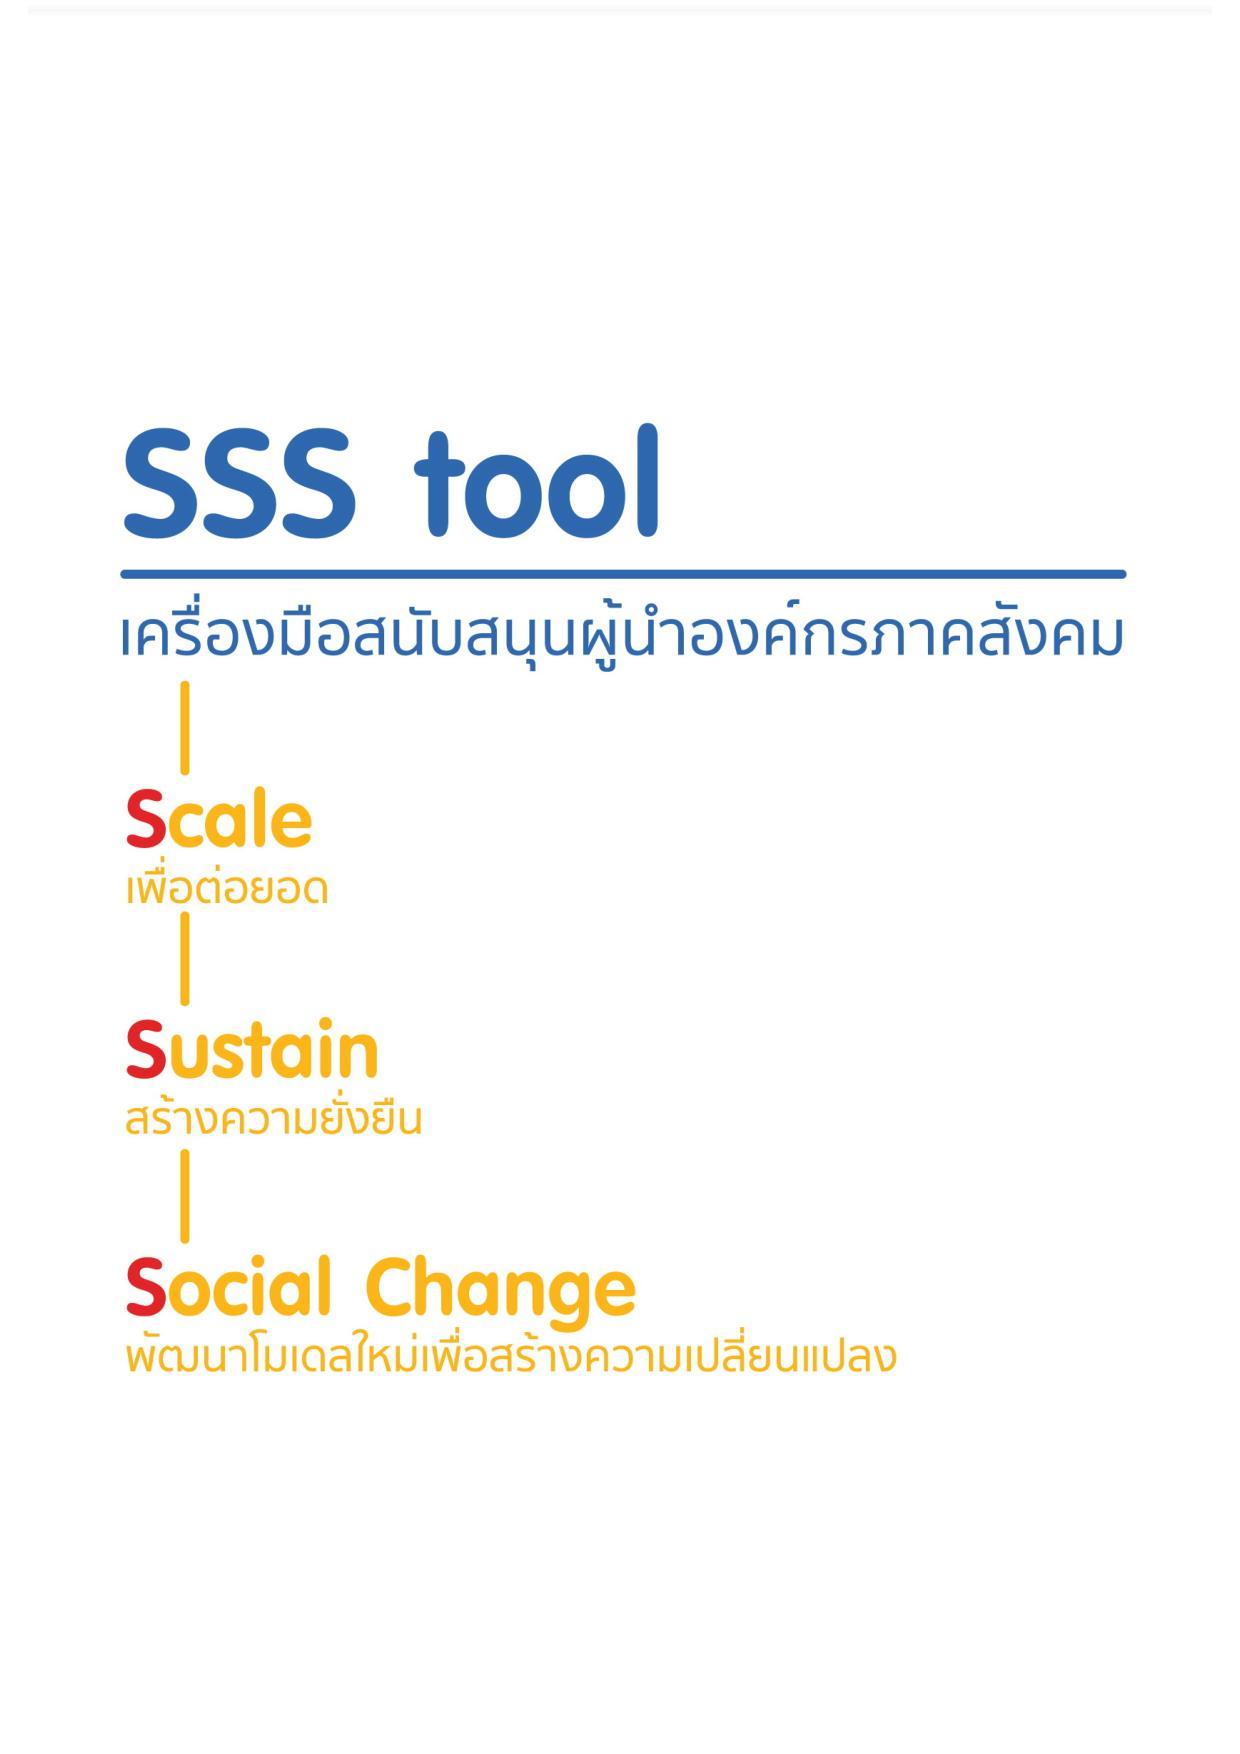 เครื่องมือสนับสนุนผู้นำองค์กรภาคสังคม (SSS Tool)